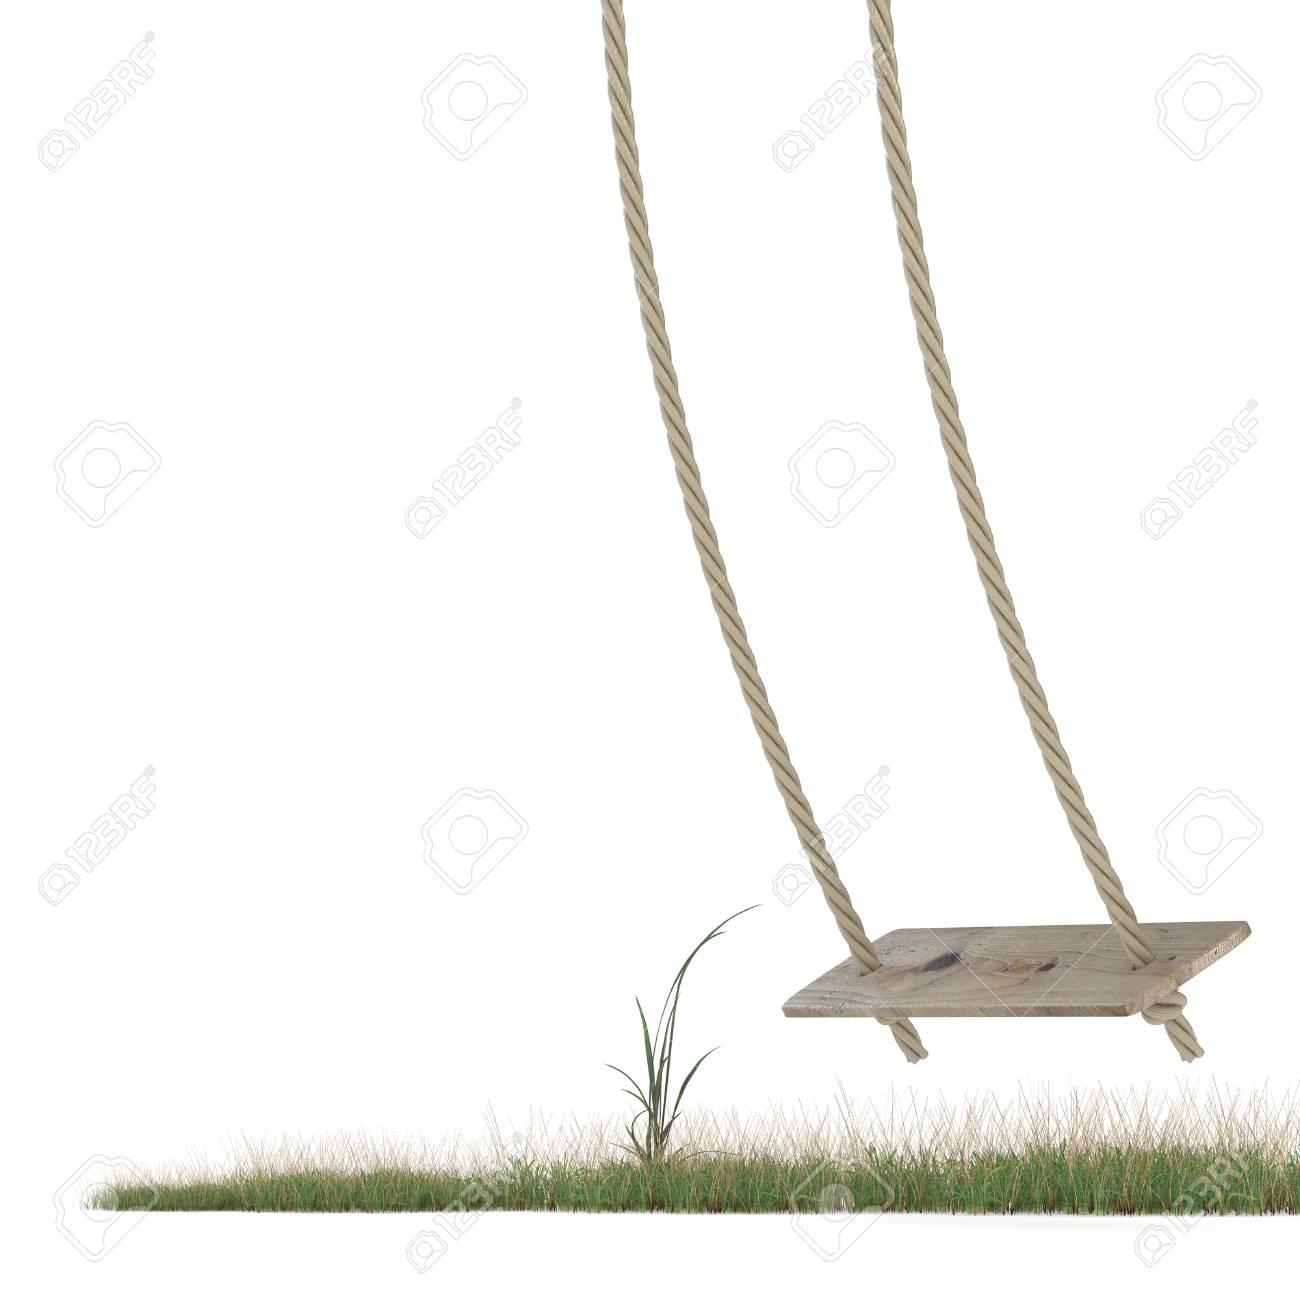 Balancoire Faite De Corde Et Une Planche De Bois Sur L Herbe